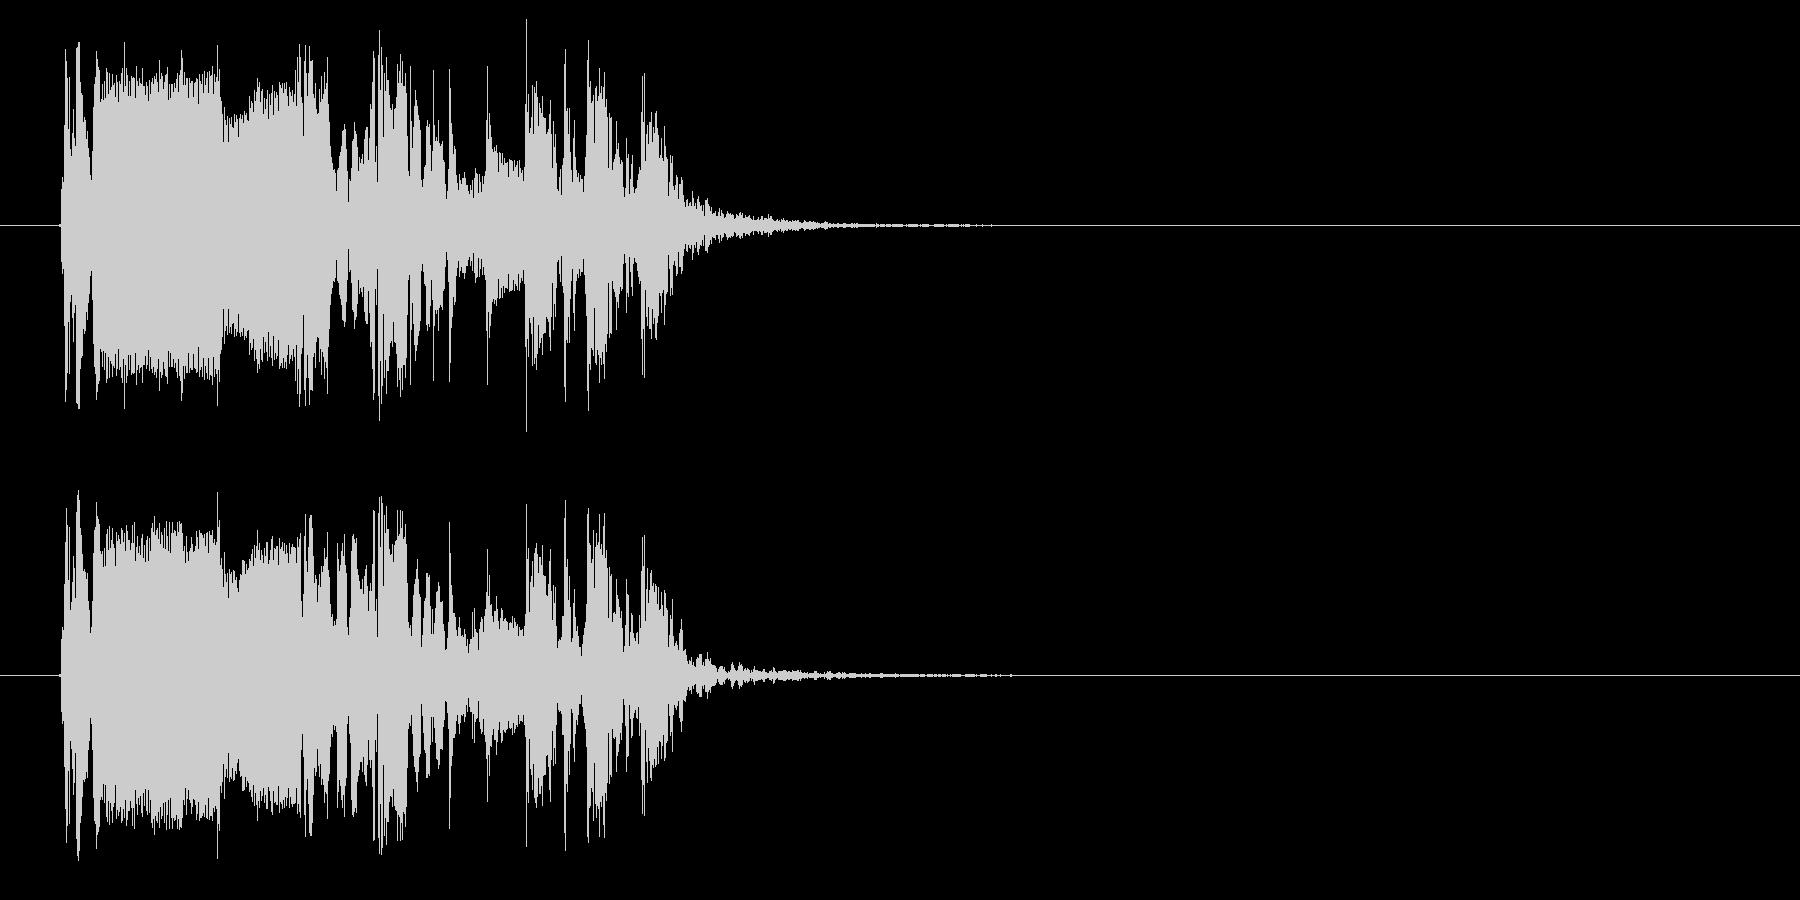 おしゃれでワクワク感のあるシンセサウンドの未再生の波形